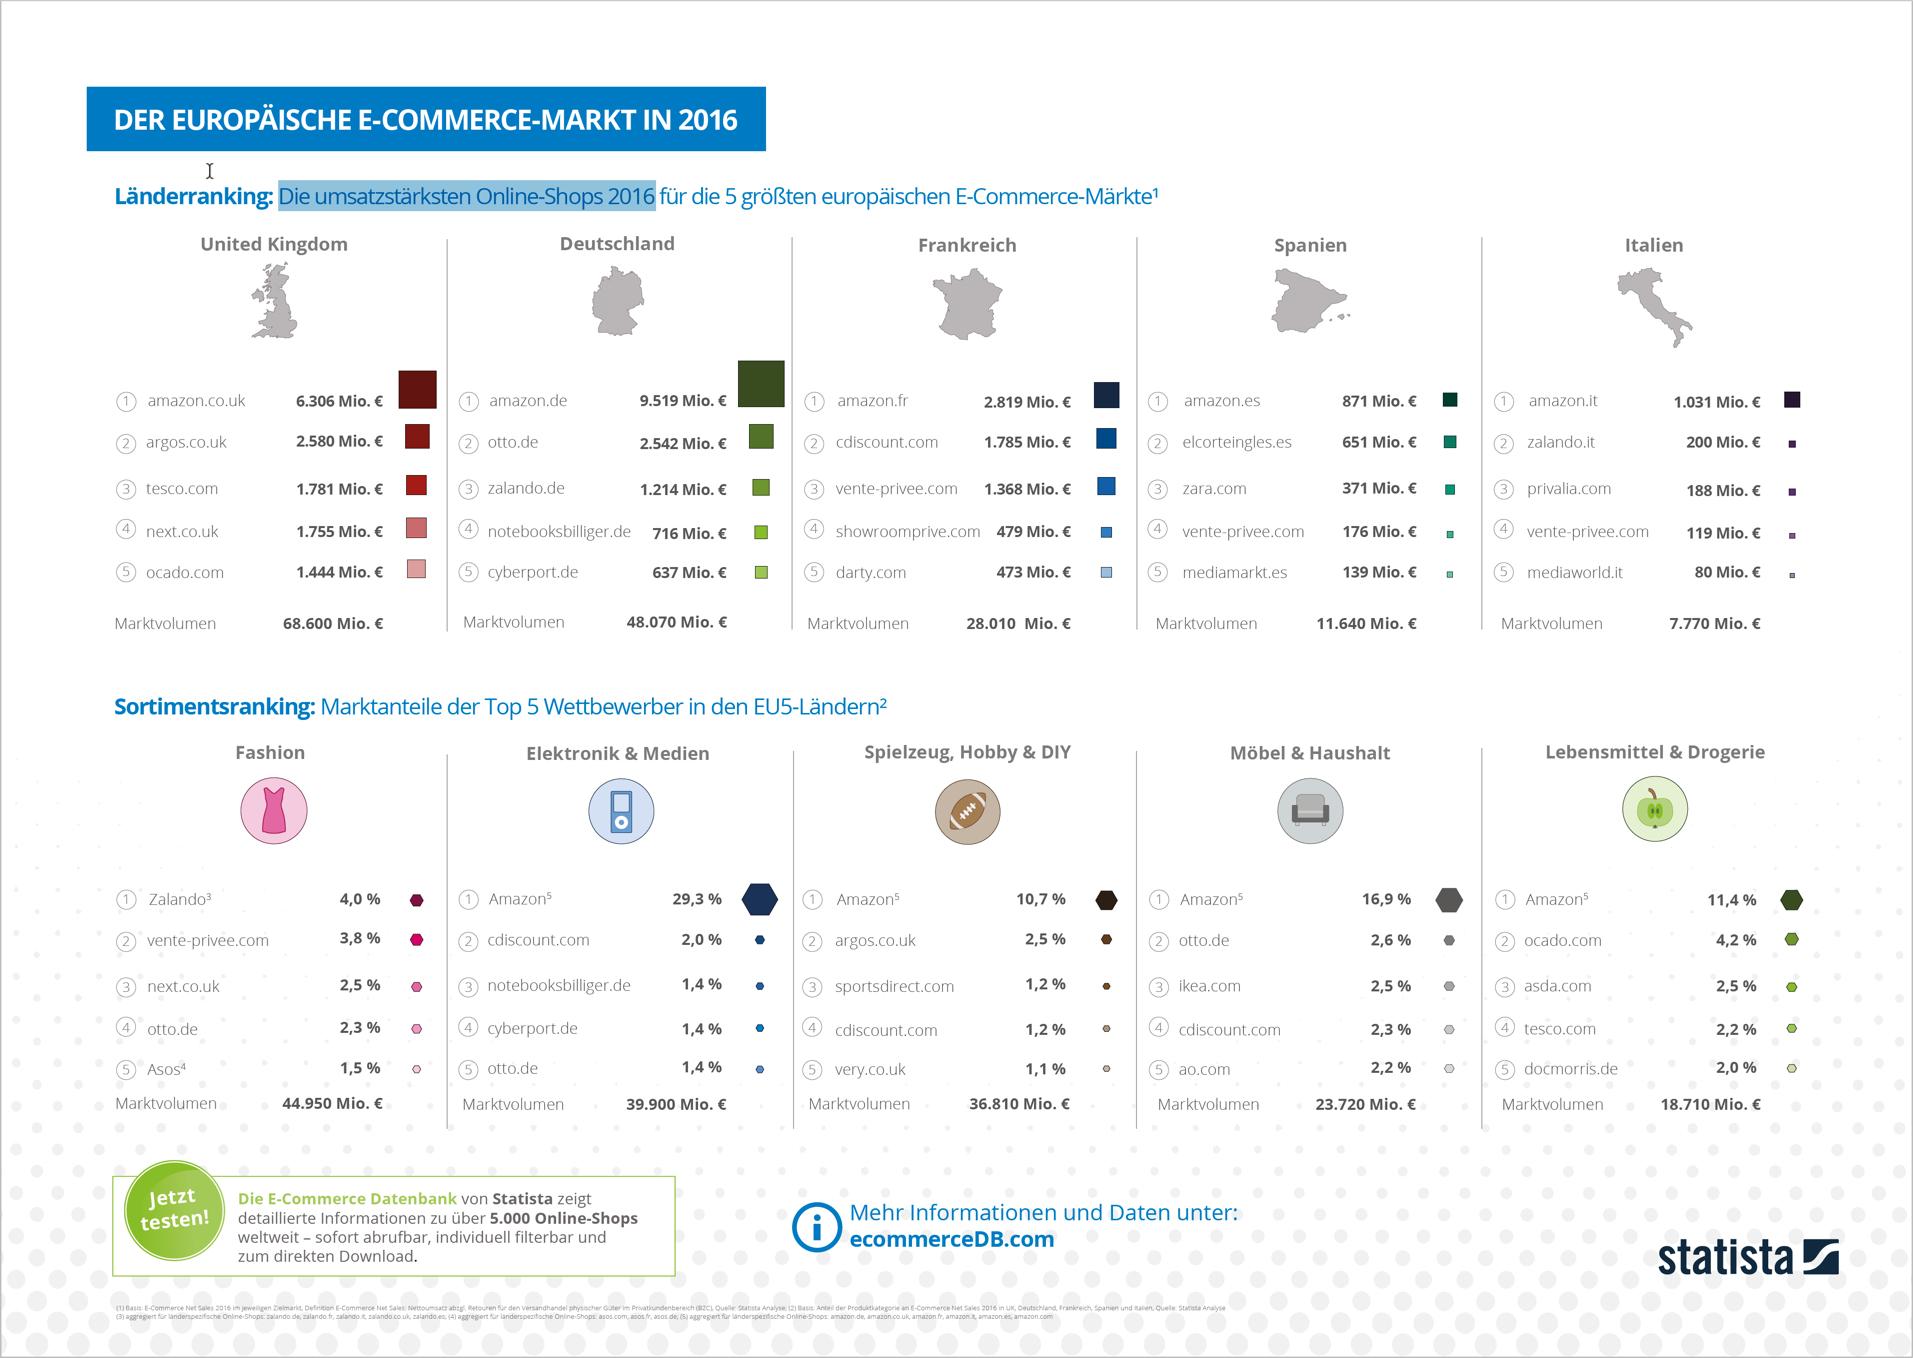 die-umsatzstärksten-online-shops-2016